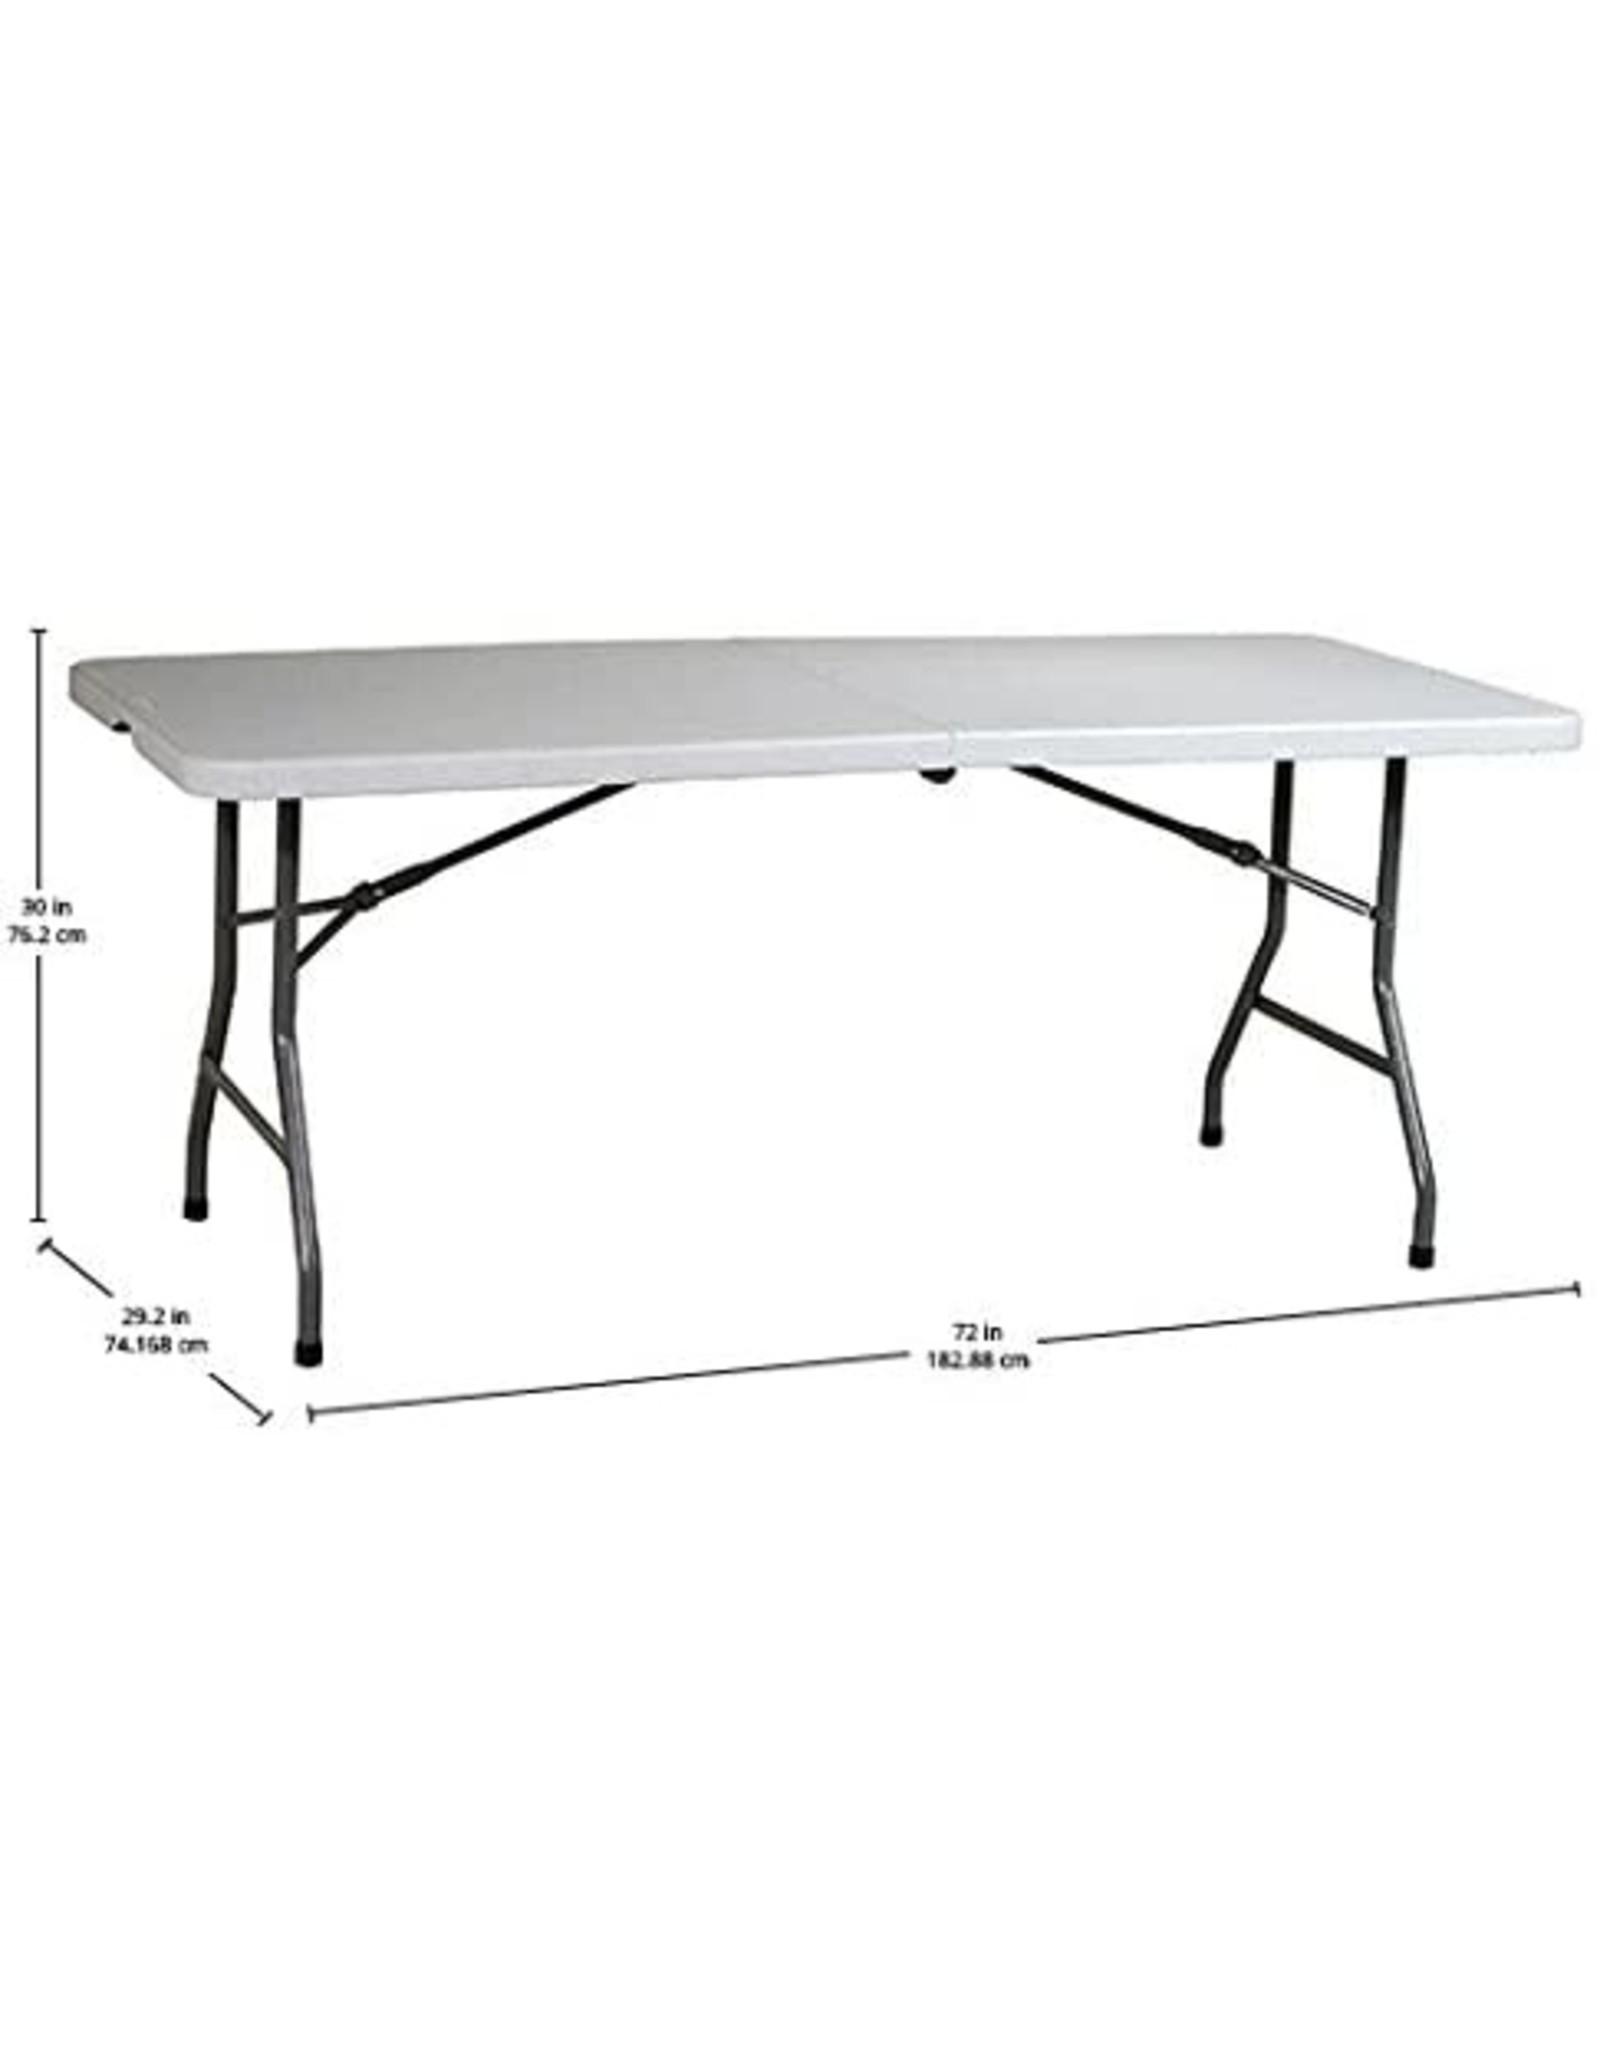 Office Star Office Star Resin Multipurpose Rectangle Table, 6-Feet, Center Folding